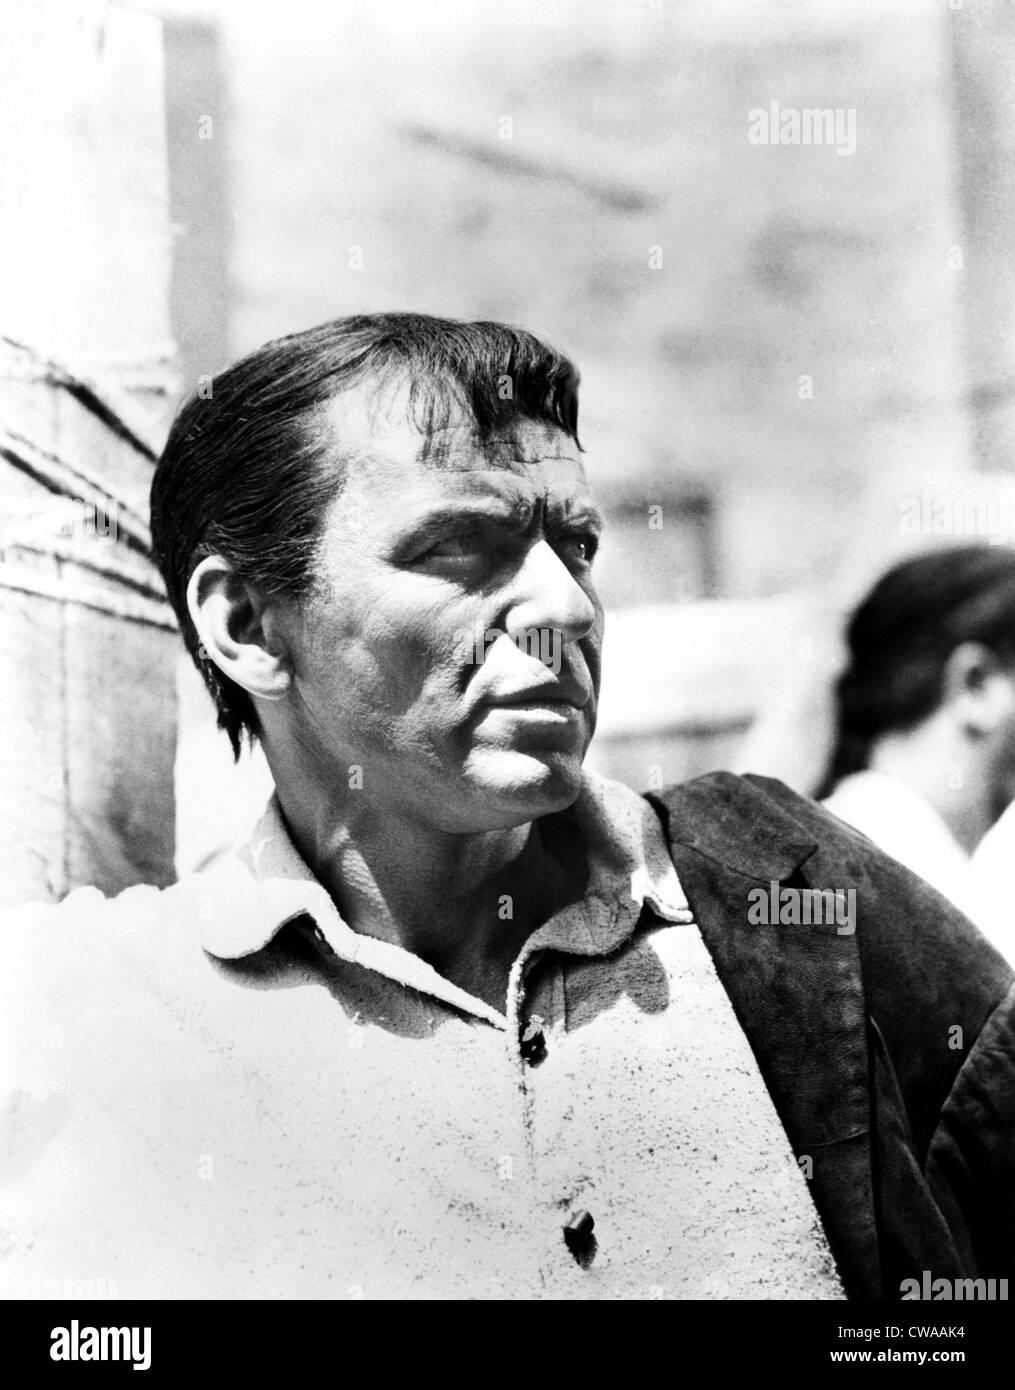 DER Stolz und die Leidenschaft, Frank Sinatra, 1957. Höflichkeit: CSU Archive / Everett Collection Stockbild